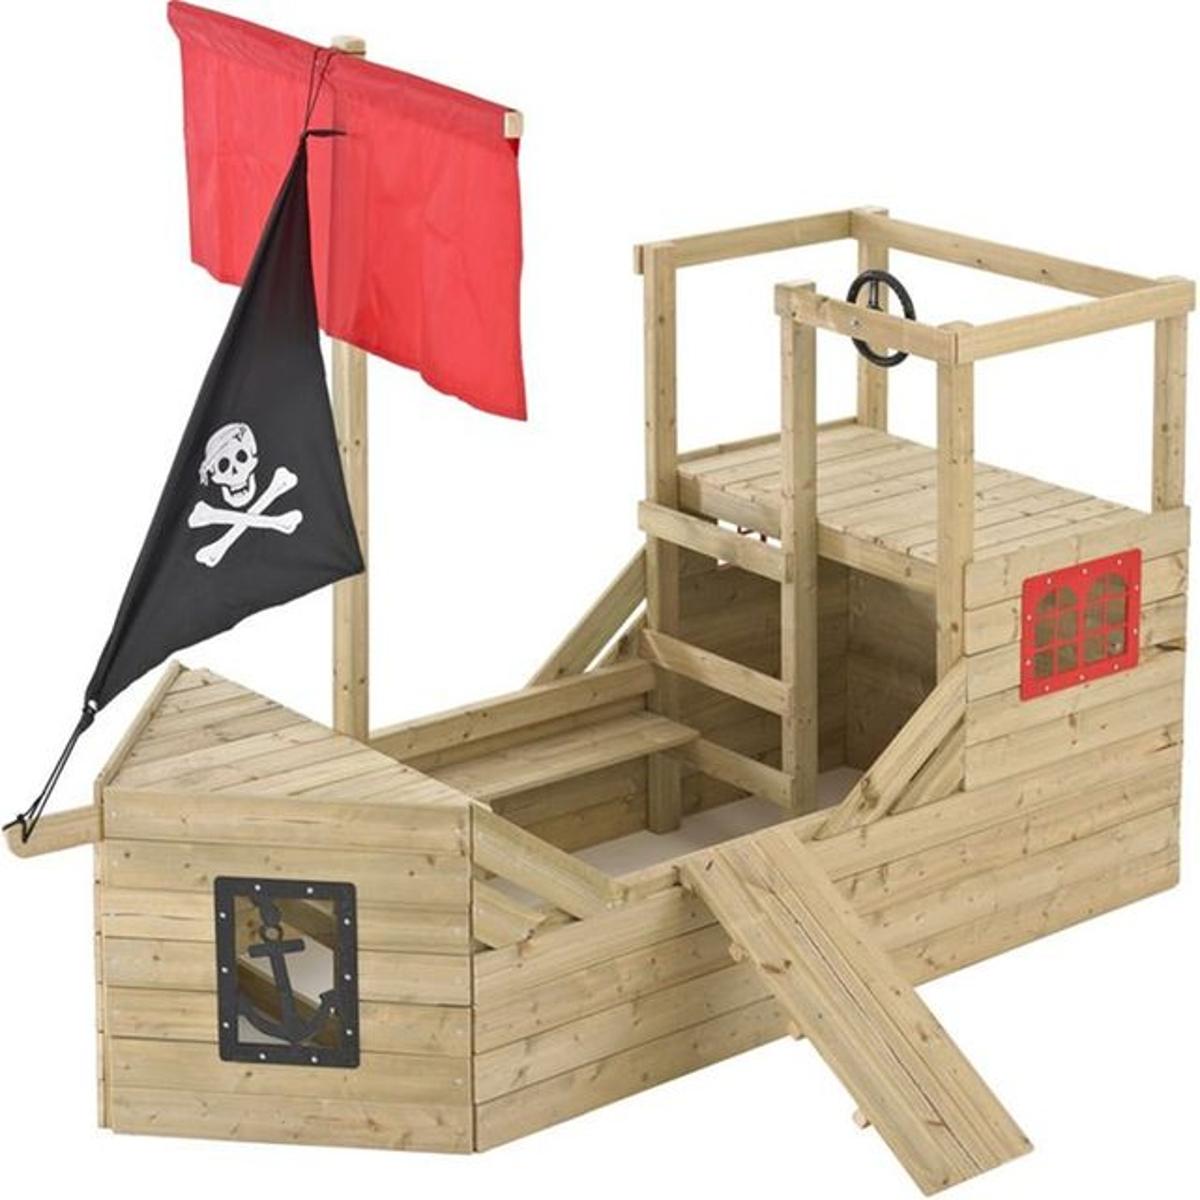 Cabane bateau pirate Galleon en bois